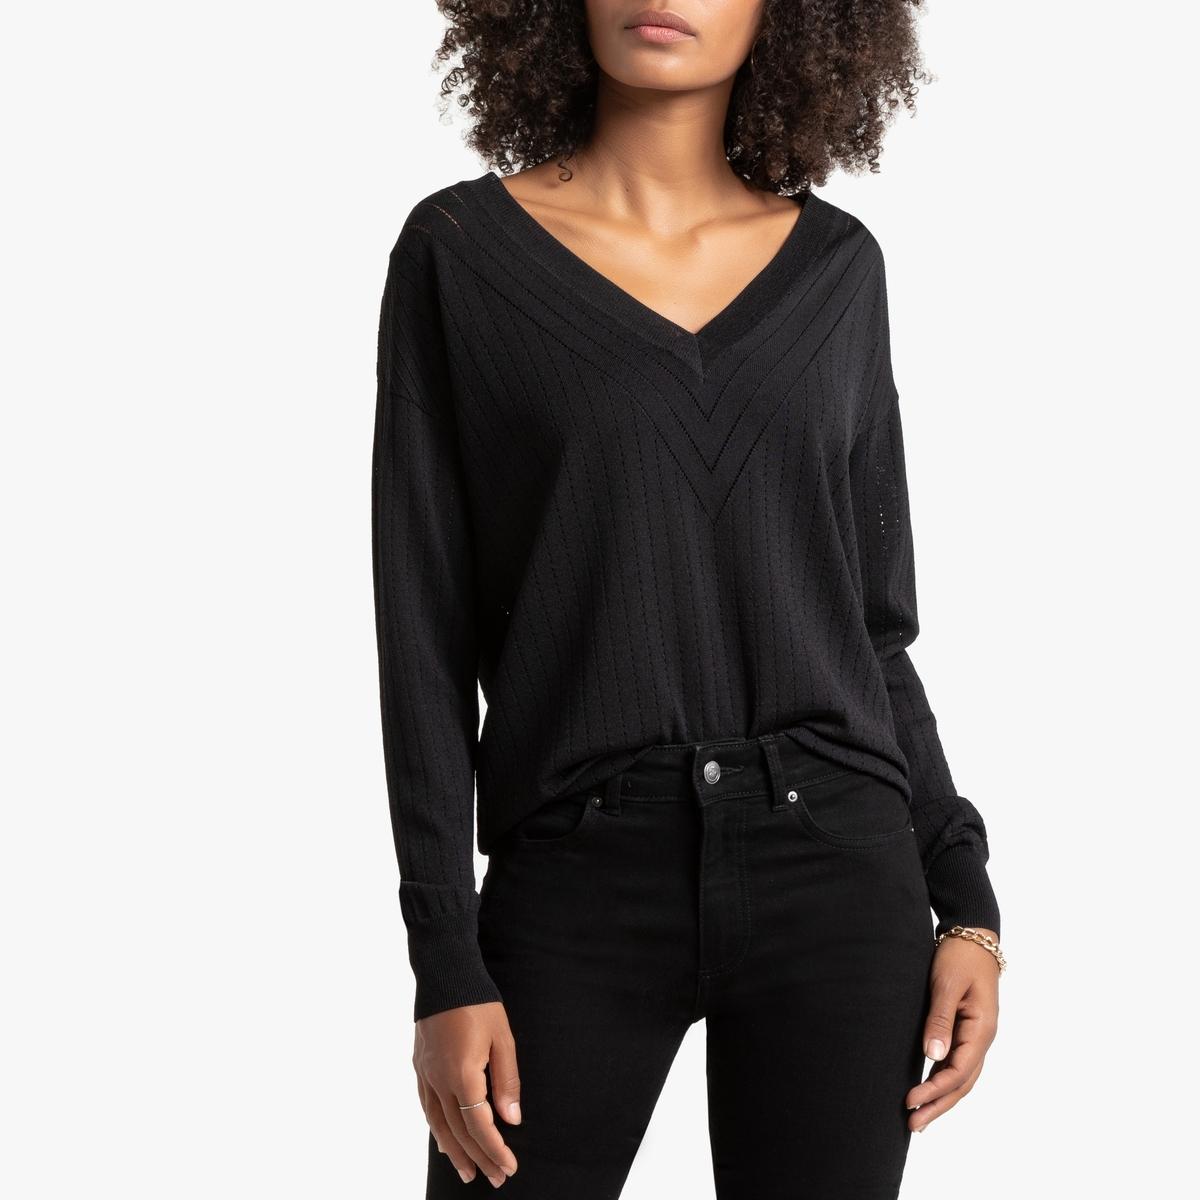 Пуловер La Redoute С V-образным вырезом из тонкого ажурного трикотажа S черный пуловер la redoute с v образным вырезом из тонкого трикотажа s черный